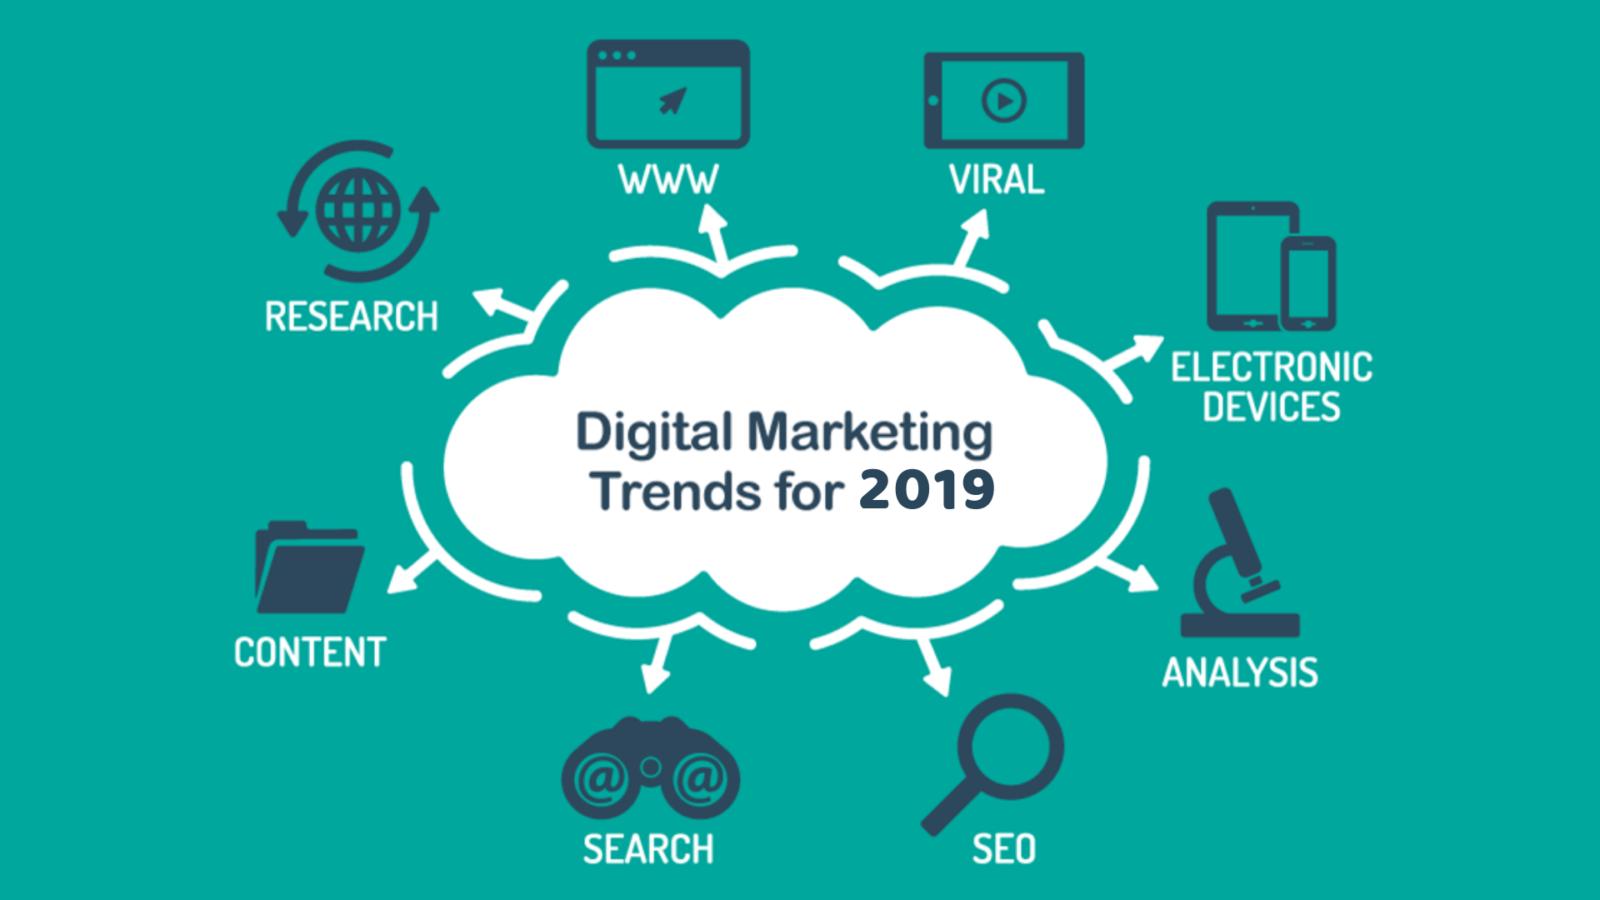 Որո՞նք են թվային մարքեթինգի այս տարվա թրենդները